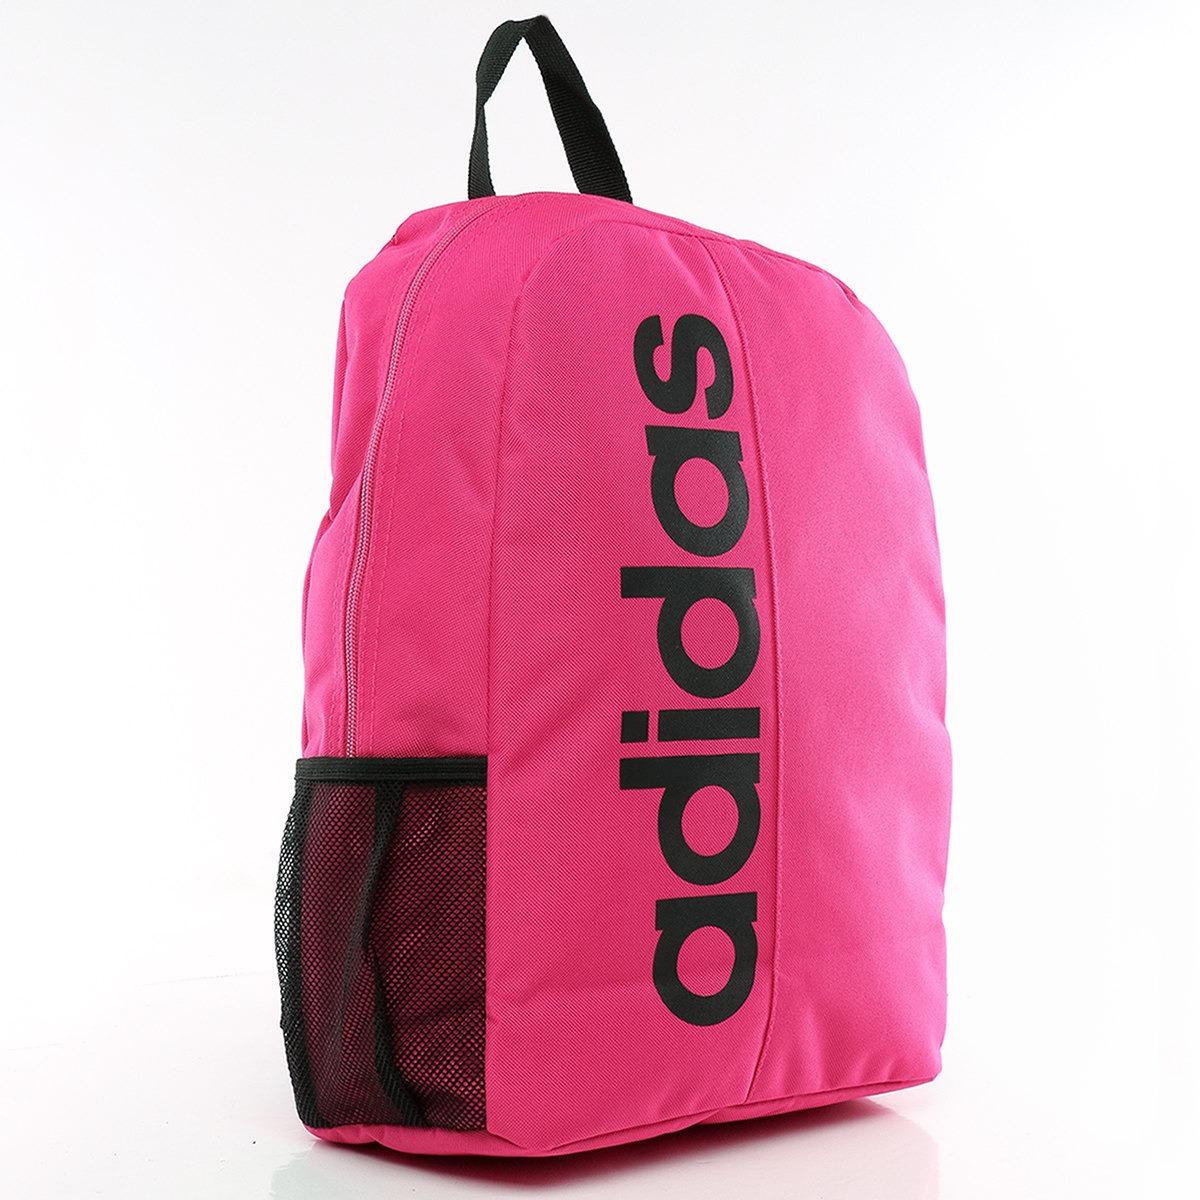 Mochila Lineage Essential Rosa adidas